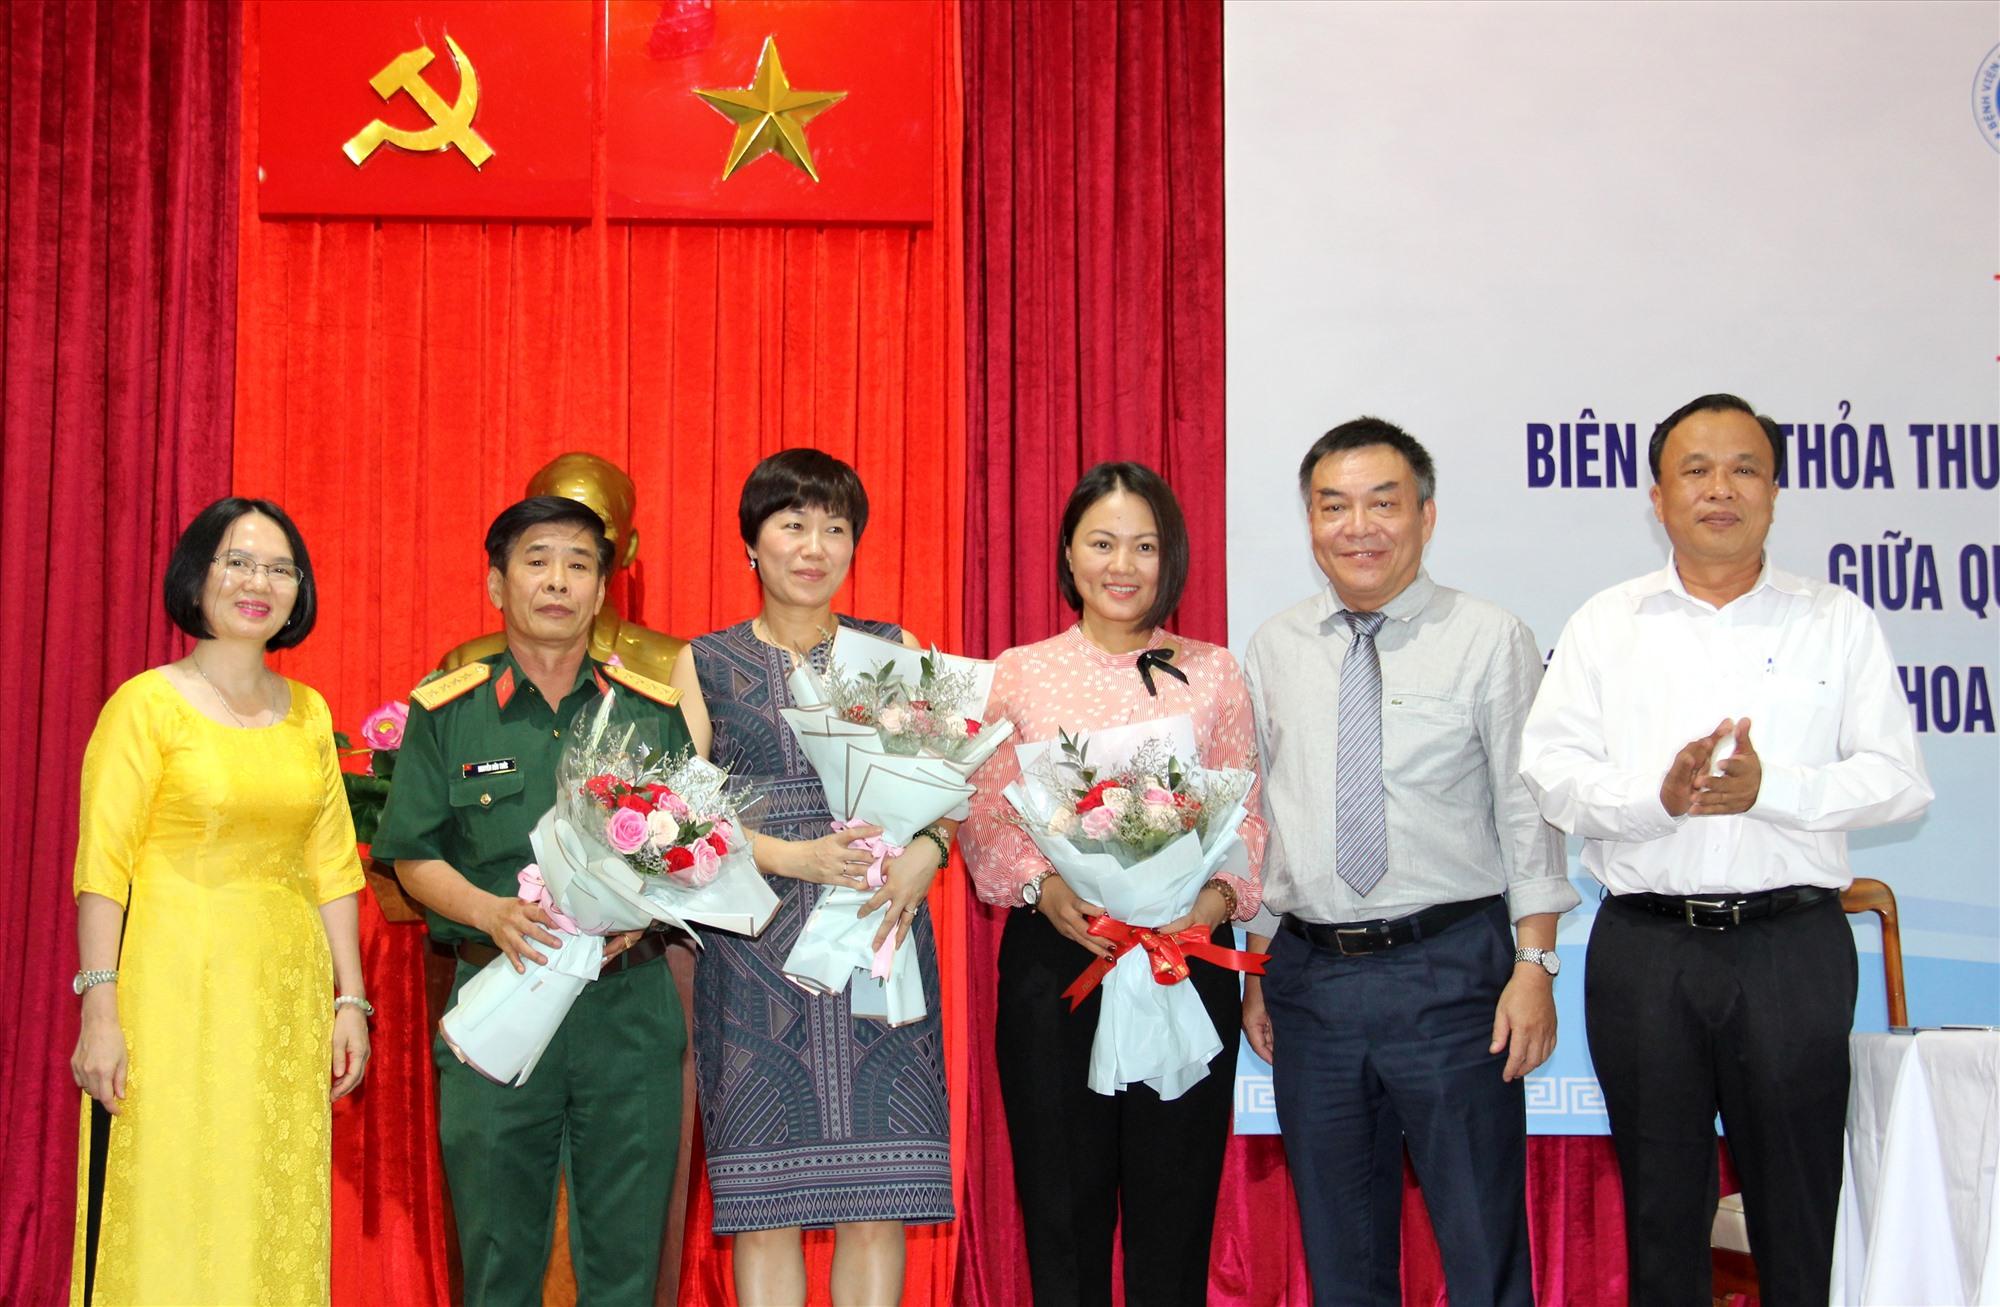 Lãnh đạo Sở Y tế tặng hoa chúc mừng thành công lễ ký kết. Ảnh: A.N